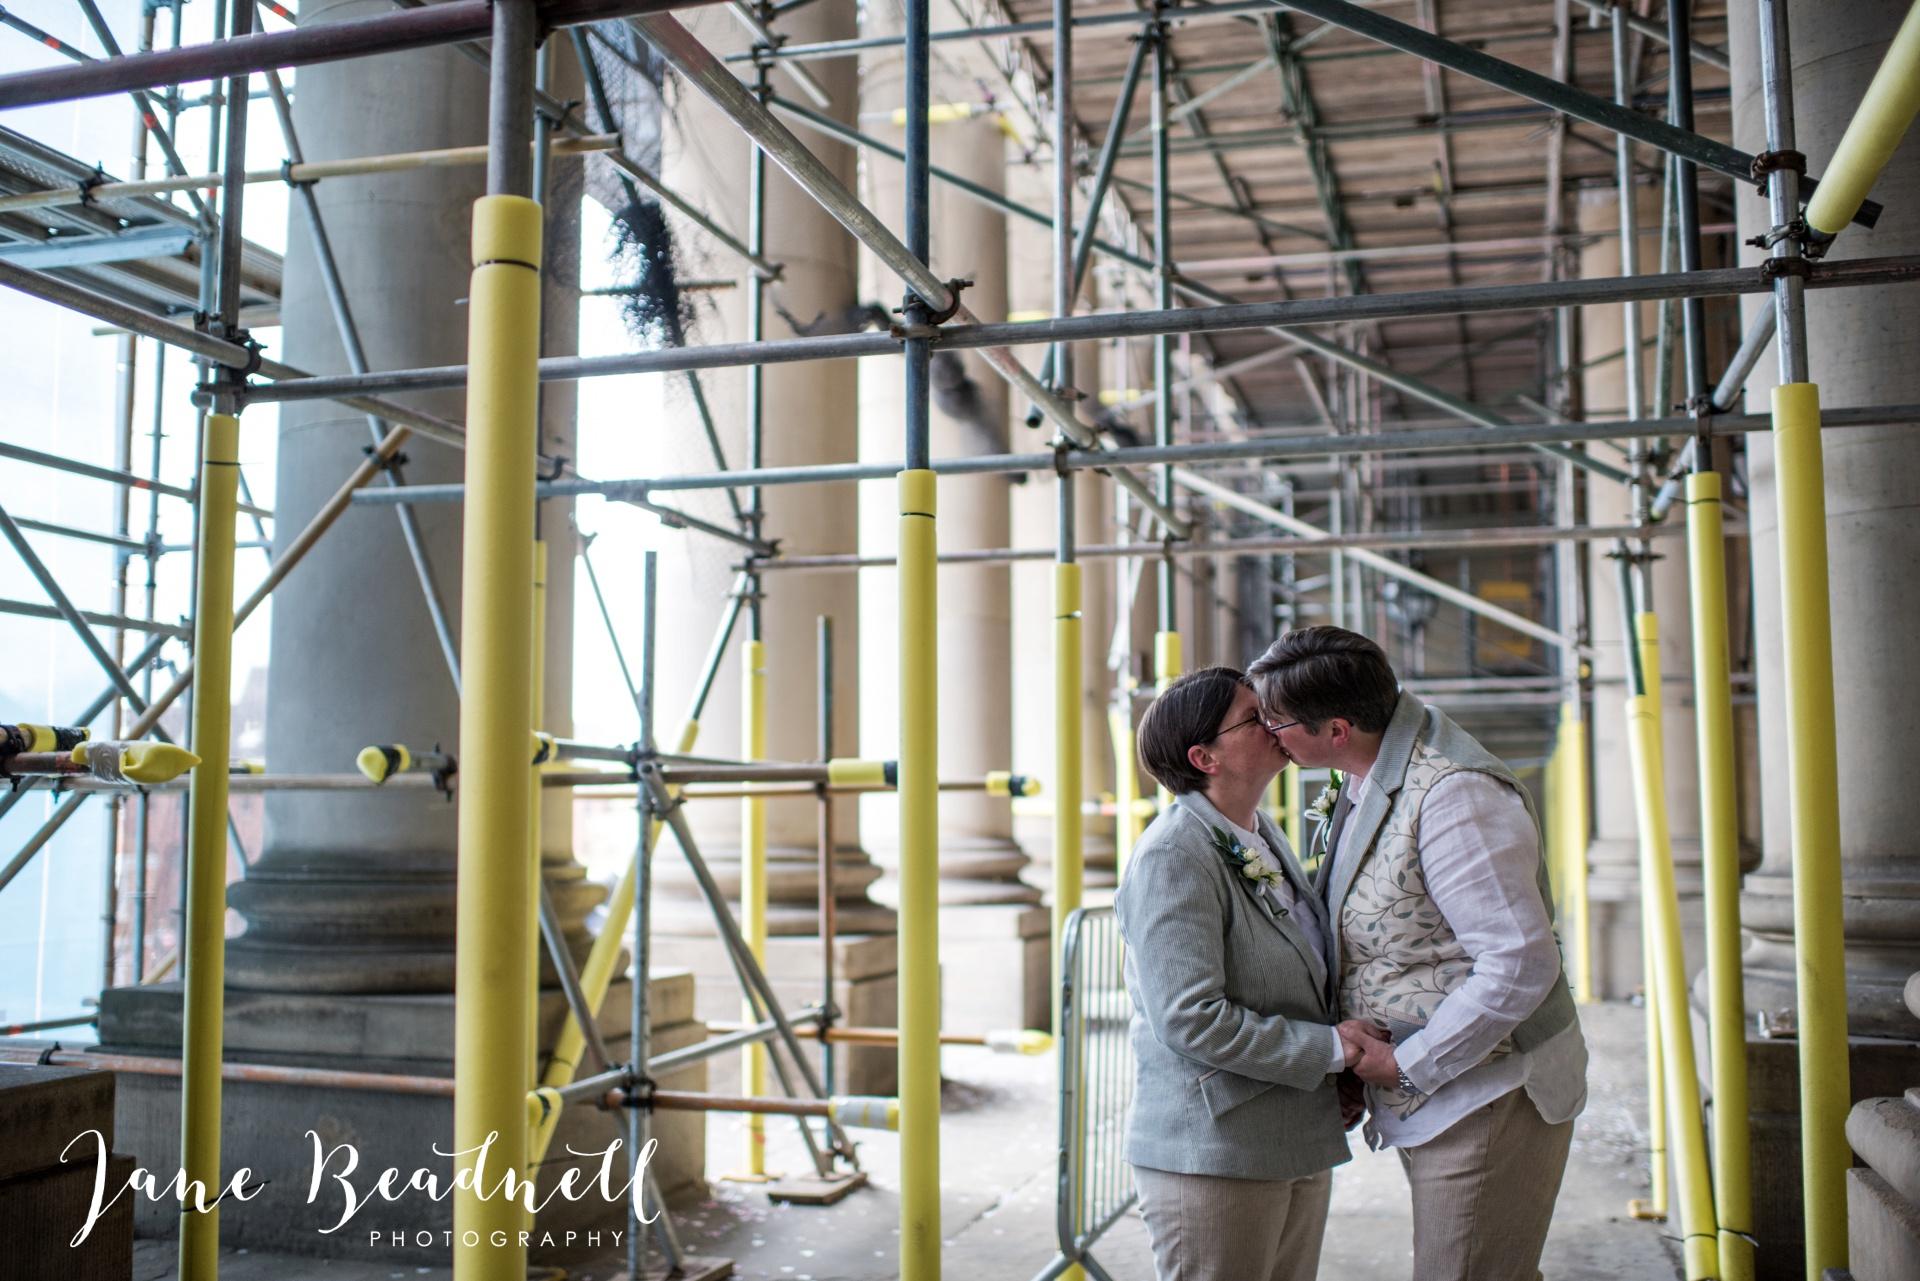 Otley wedding photographer Jane Beadnell_0001